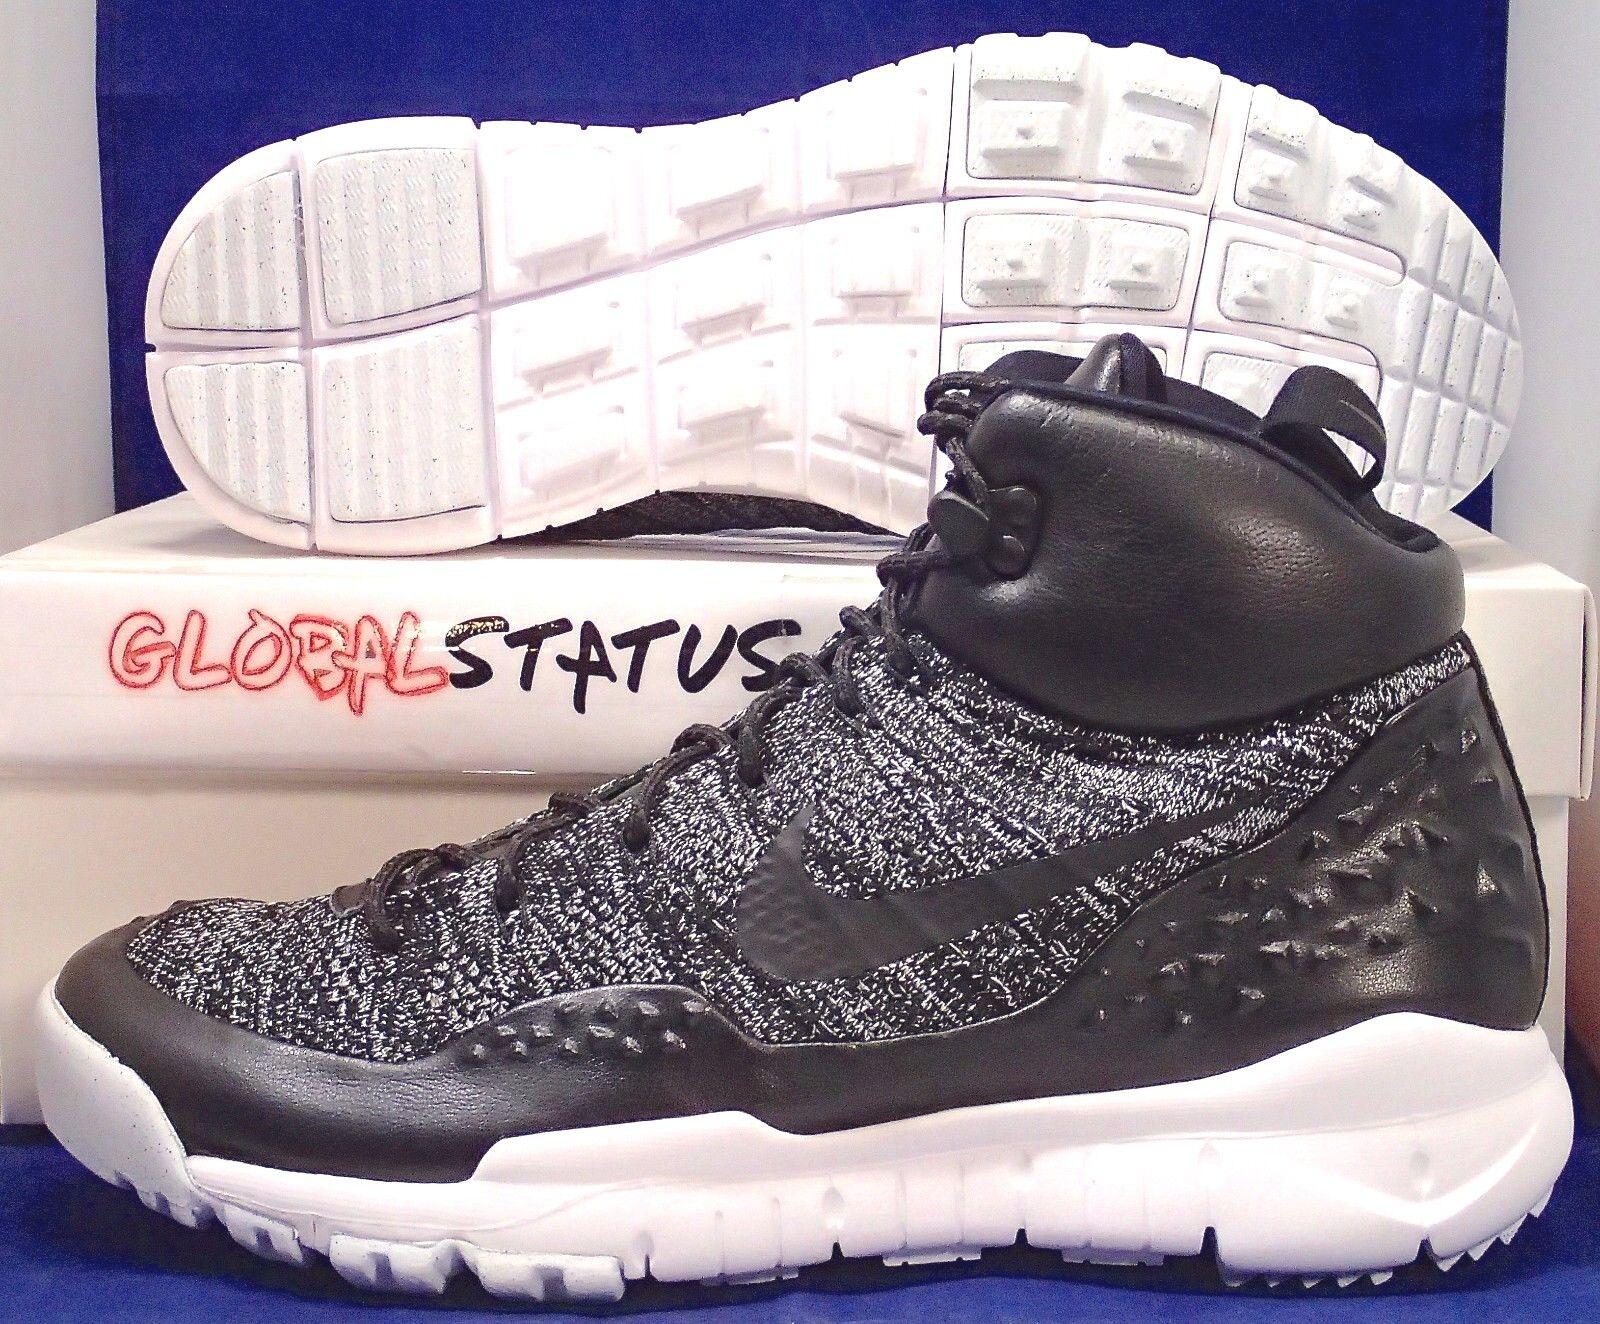 Nike Hombre lupinek Flyknit negro Oreo blanco zapatos de sneakerBotas Oreo negro 862505 001 tamaño 9,5 nuevos zapatos para hombres y mujeres, el limitado tiempo de descuento 667fc1